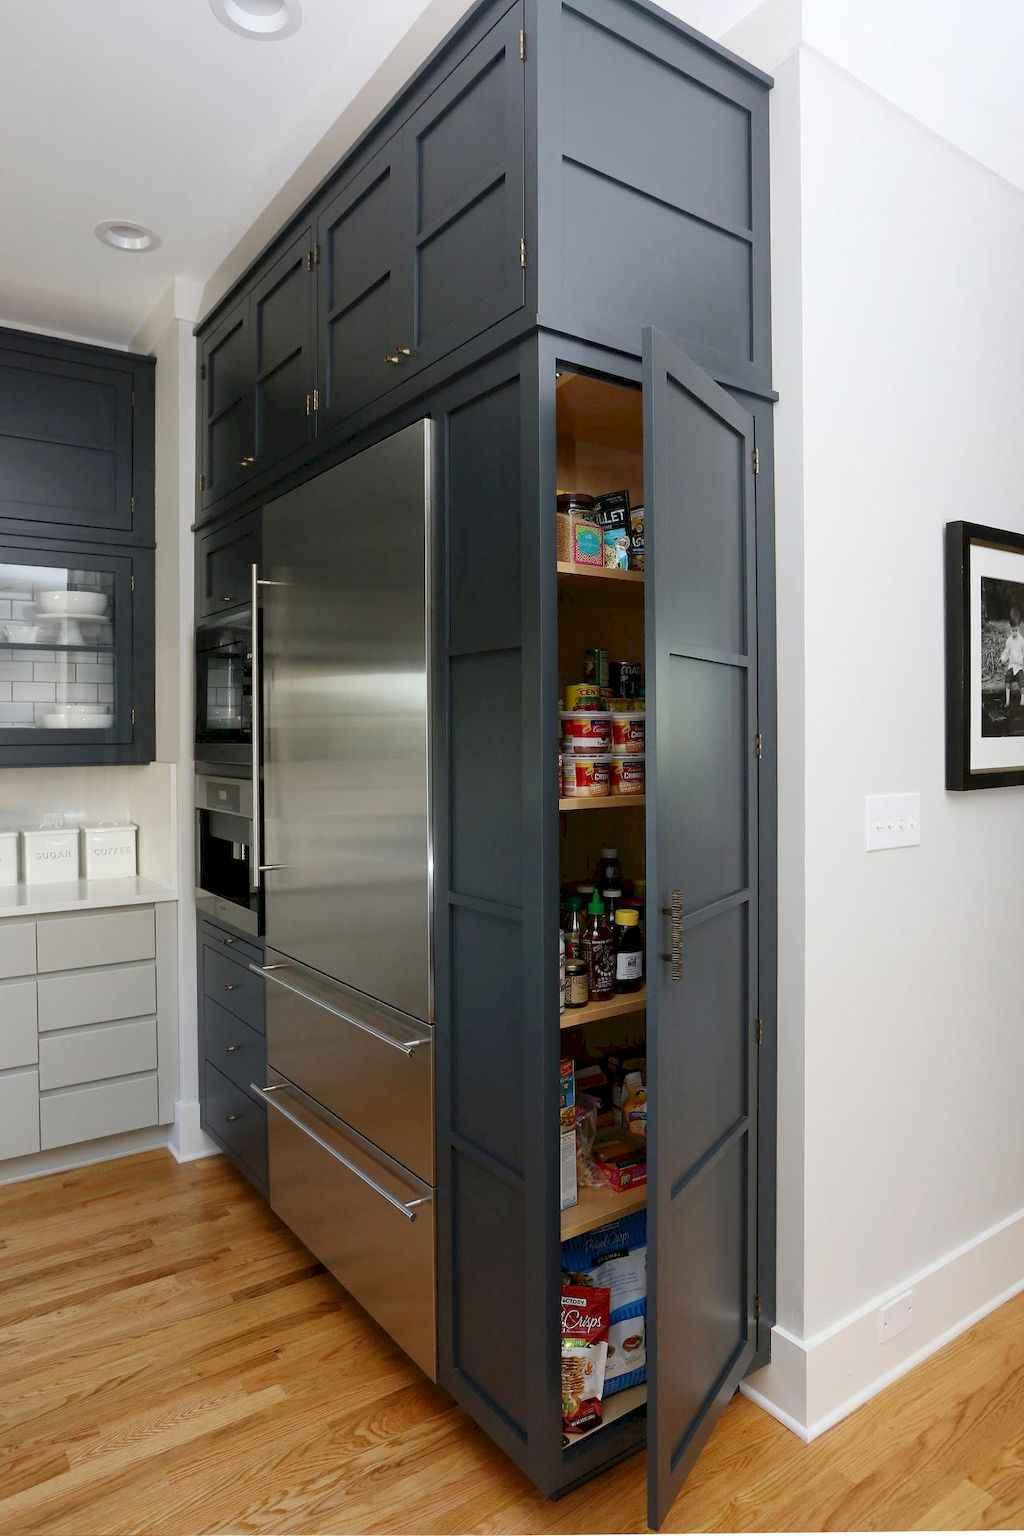 Ingenious hidden kitchen cabinet & storage solutions (54)